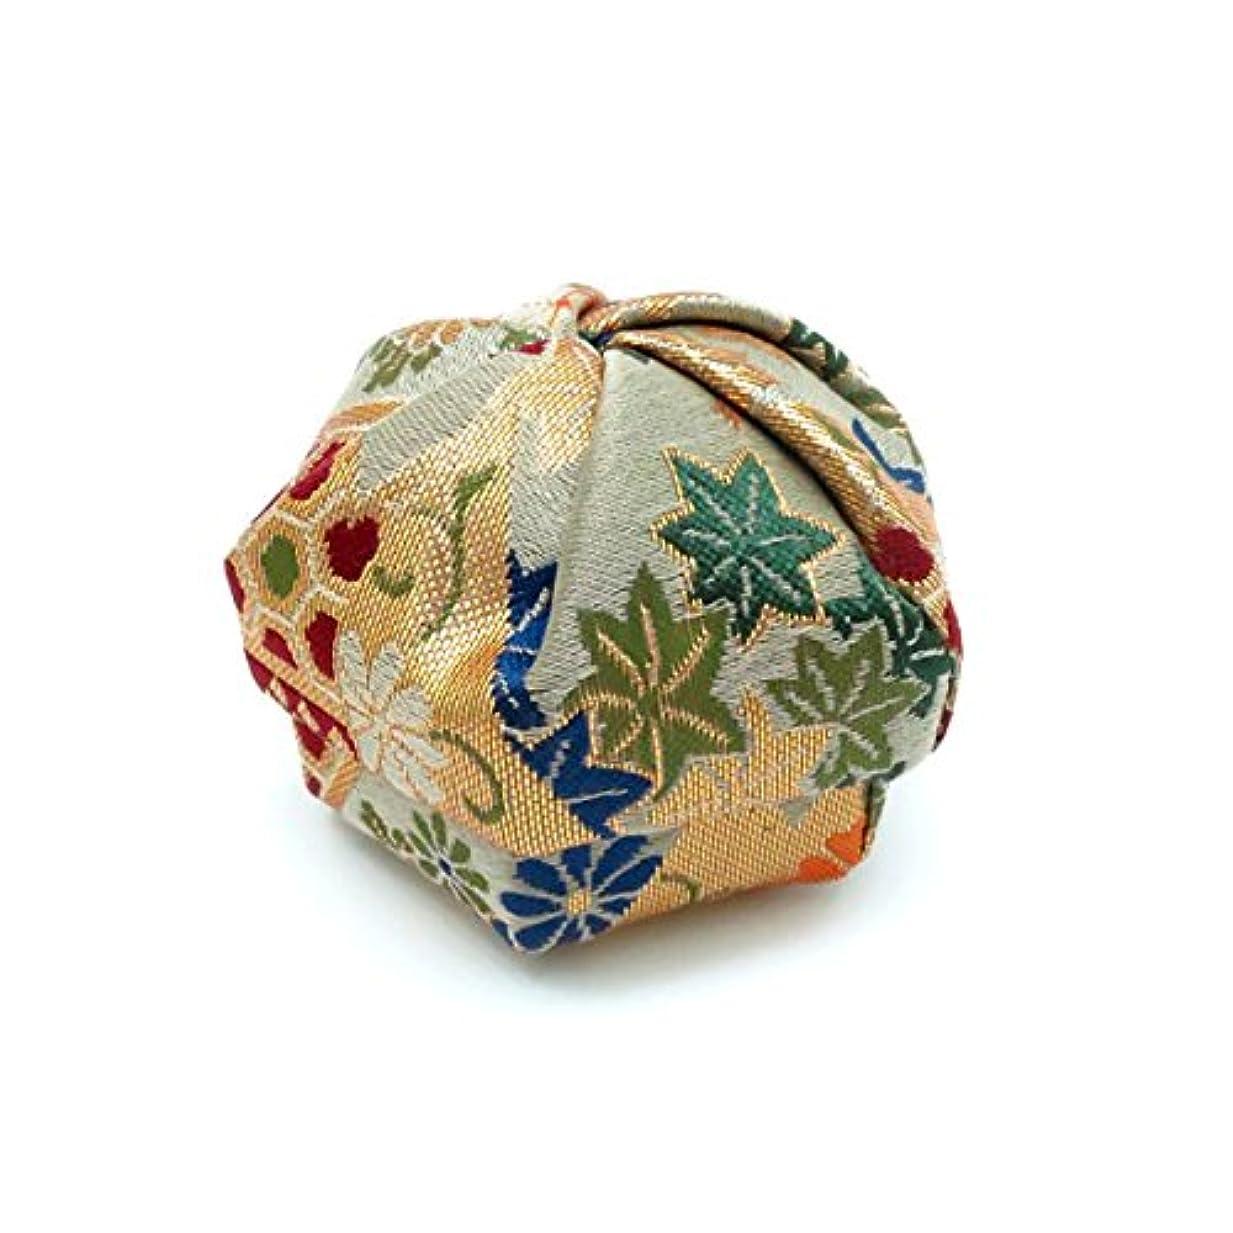 ペインティング丁寧余分な布香盒 色おまかせ 紙箱入